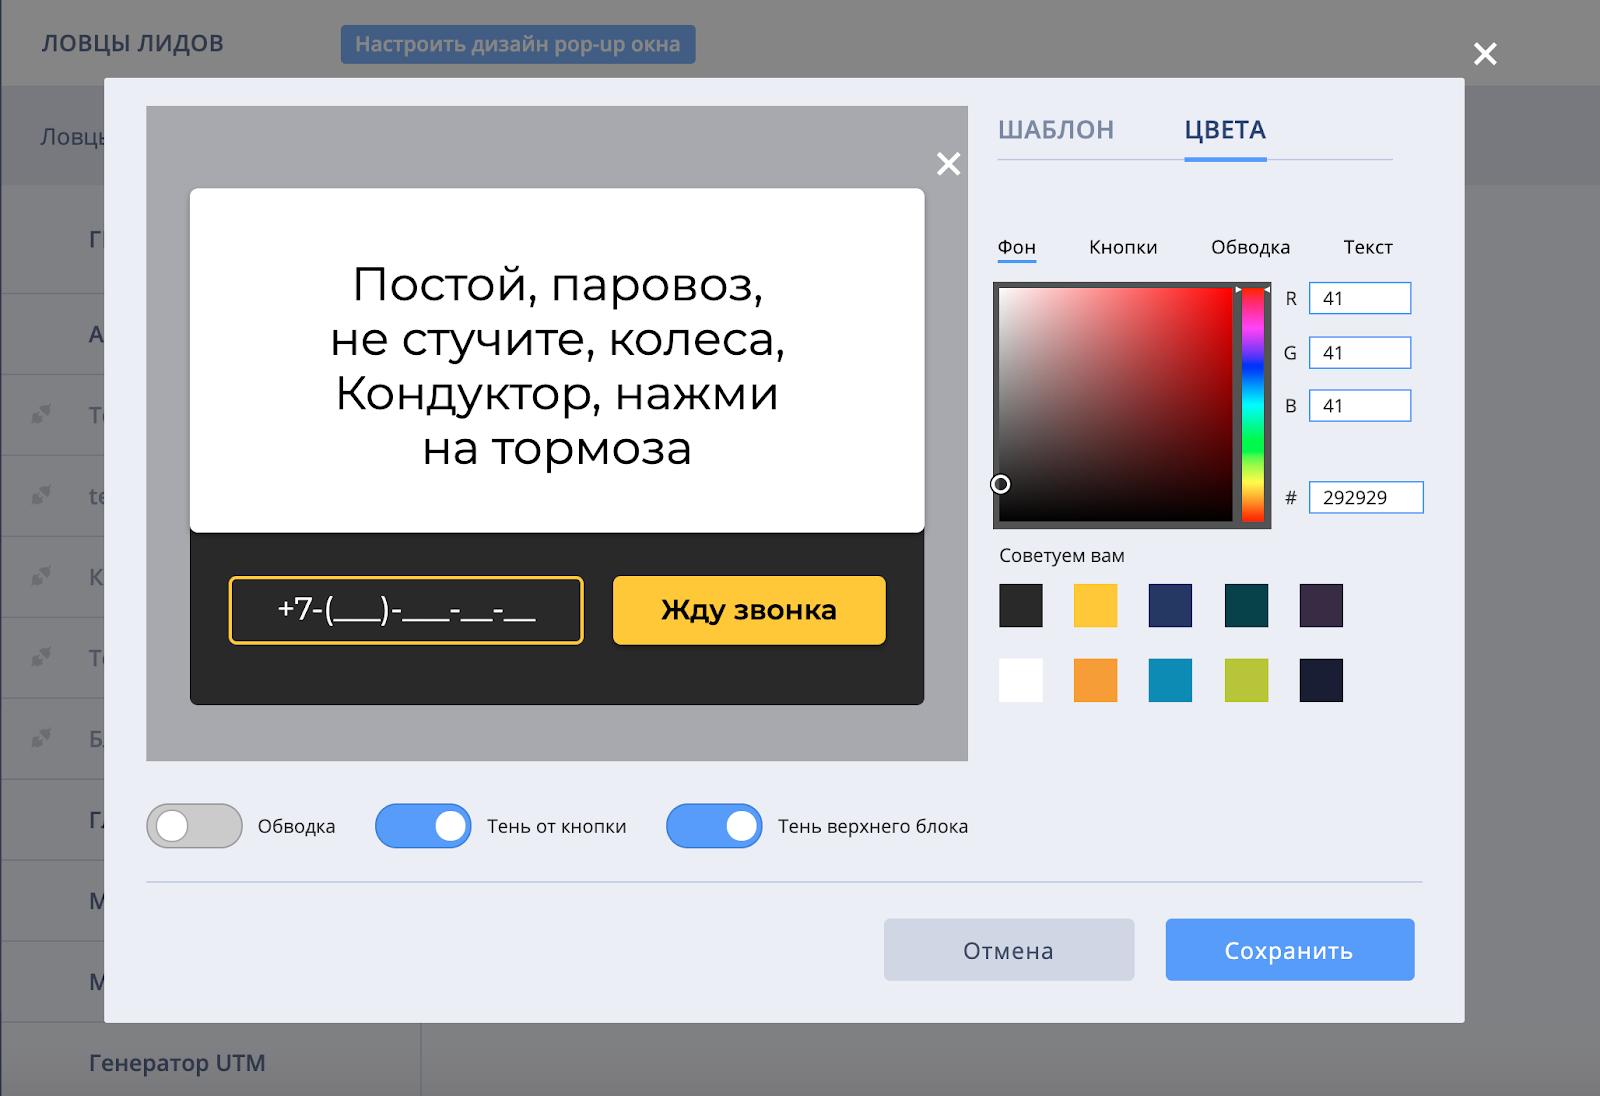 Настройка цветов pop-up окна в редакторе